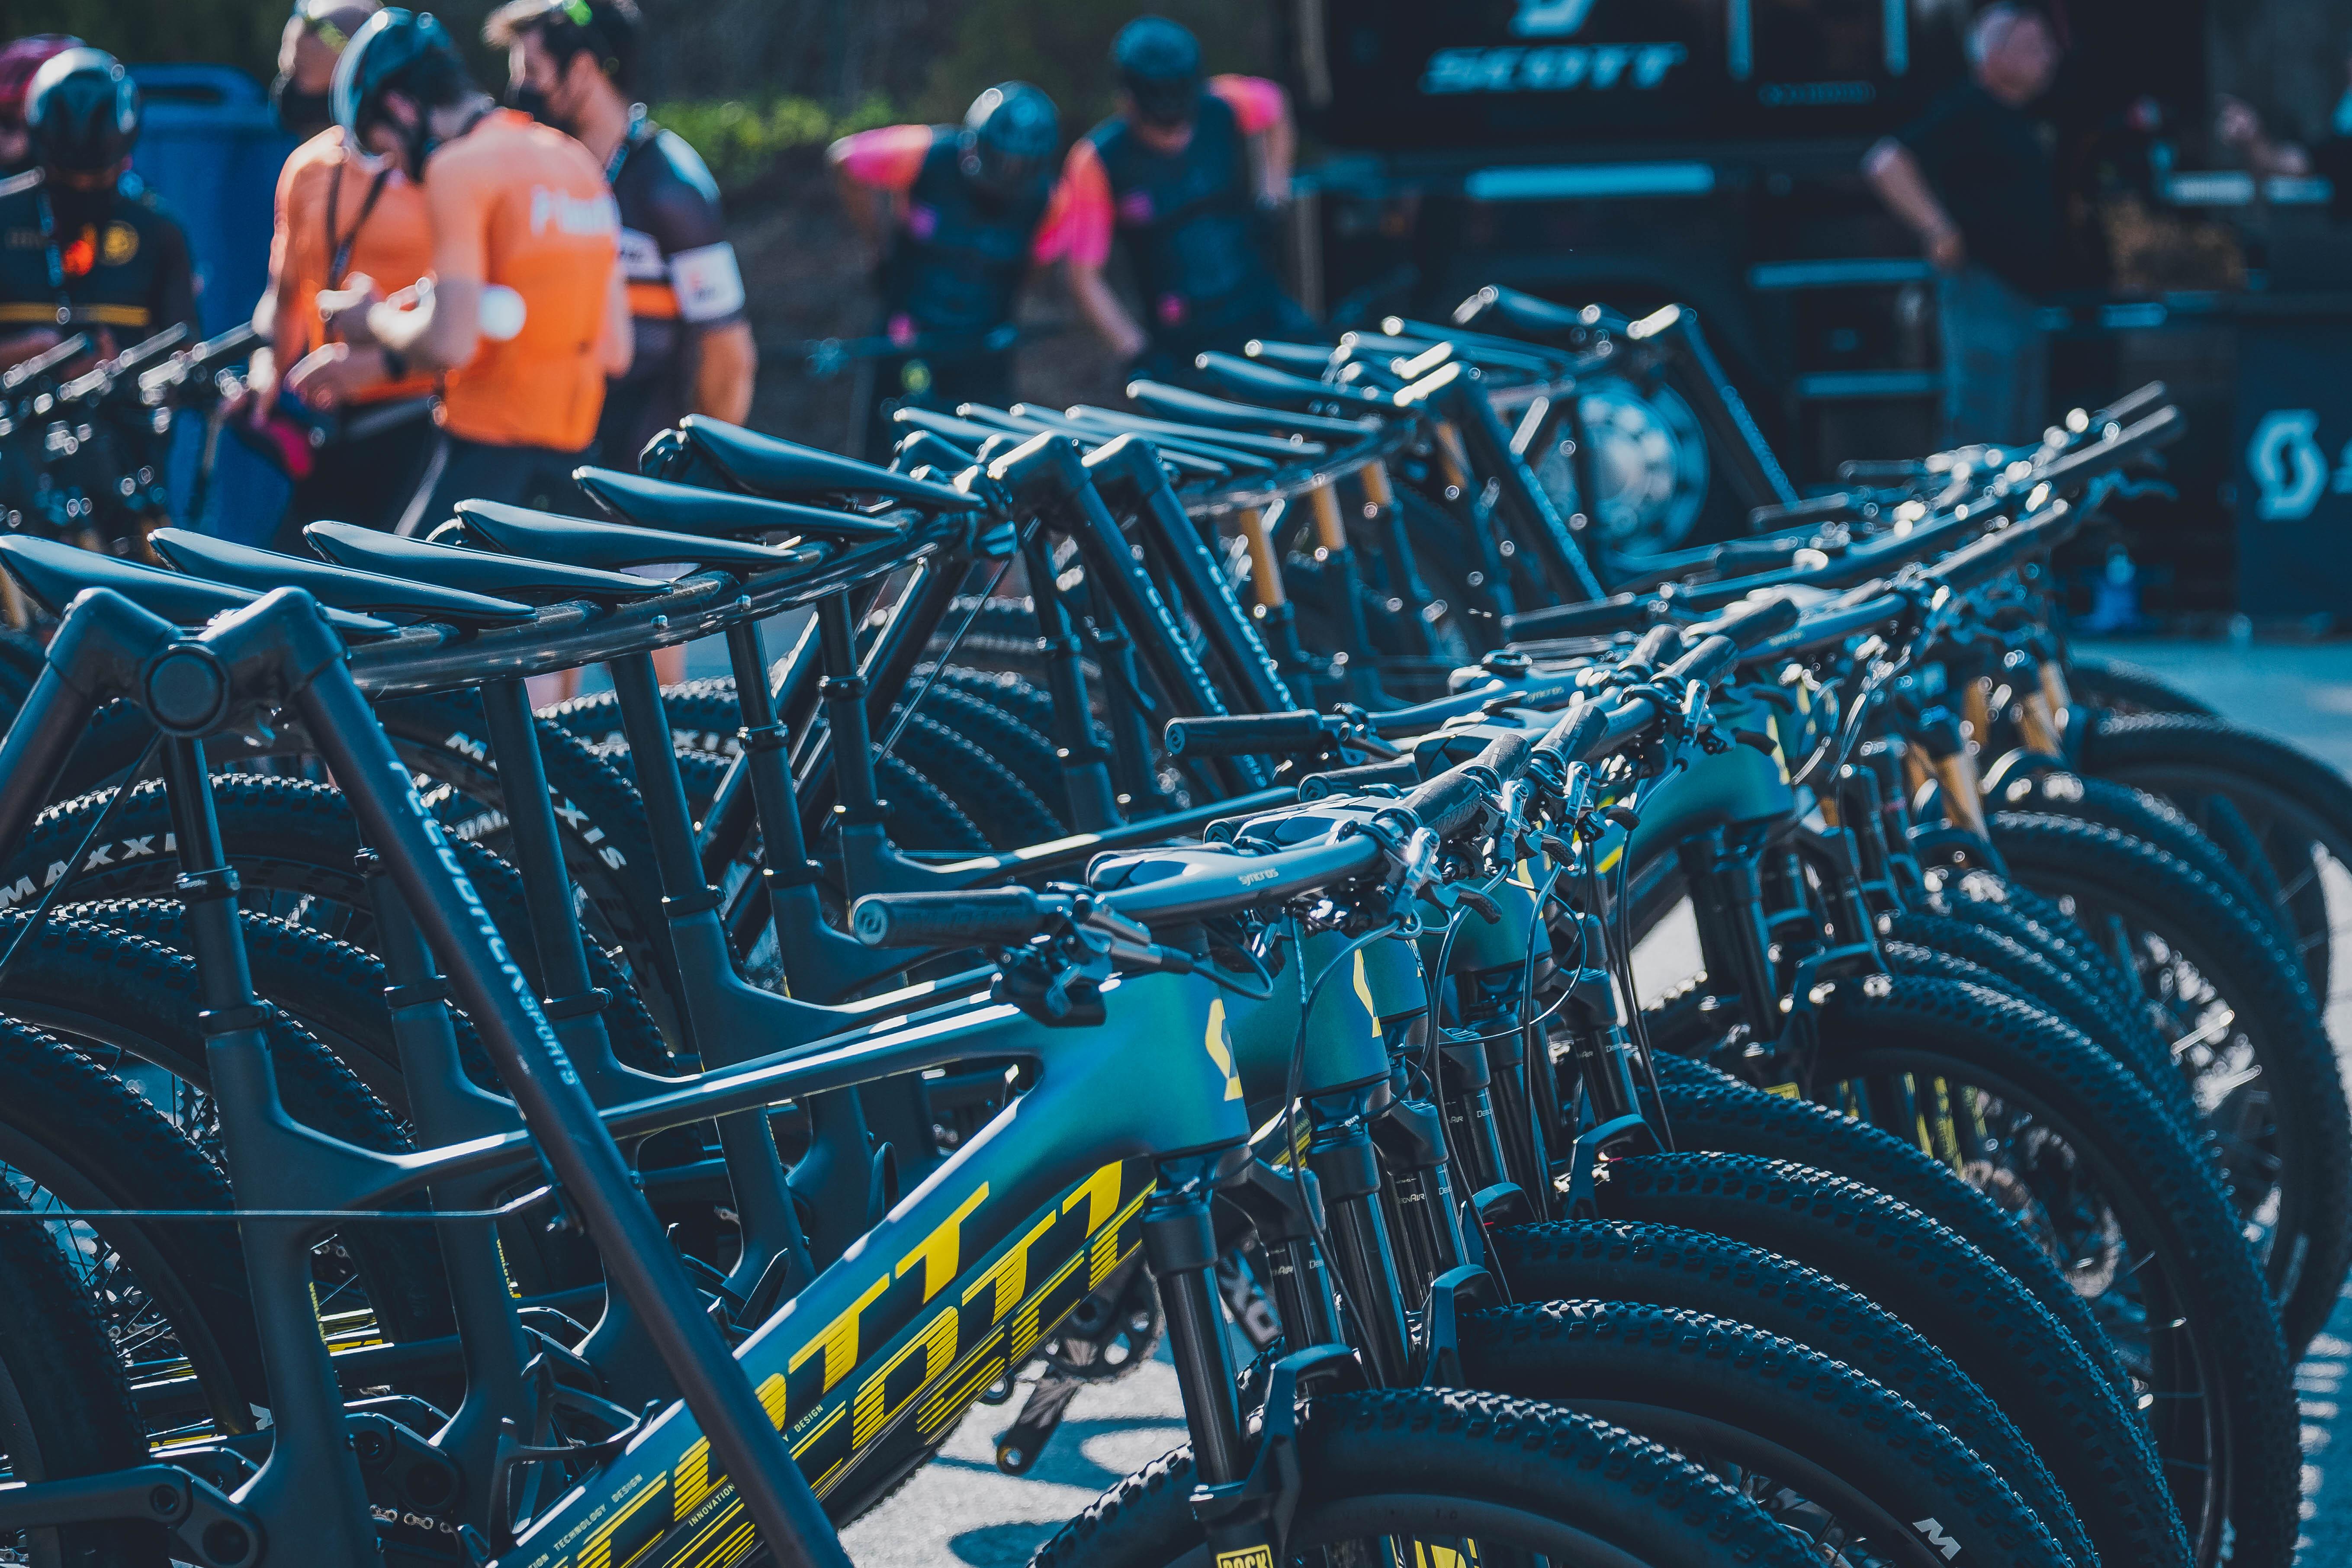 Scott llevará una flota de 70 bicicletas 'Spark' a la Sea Otter Europe